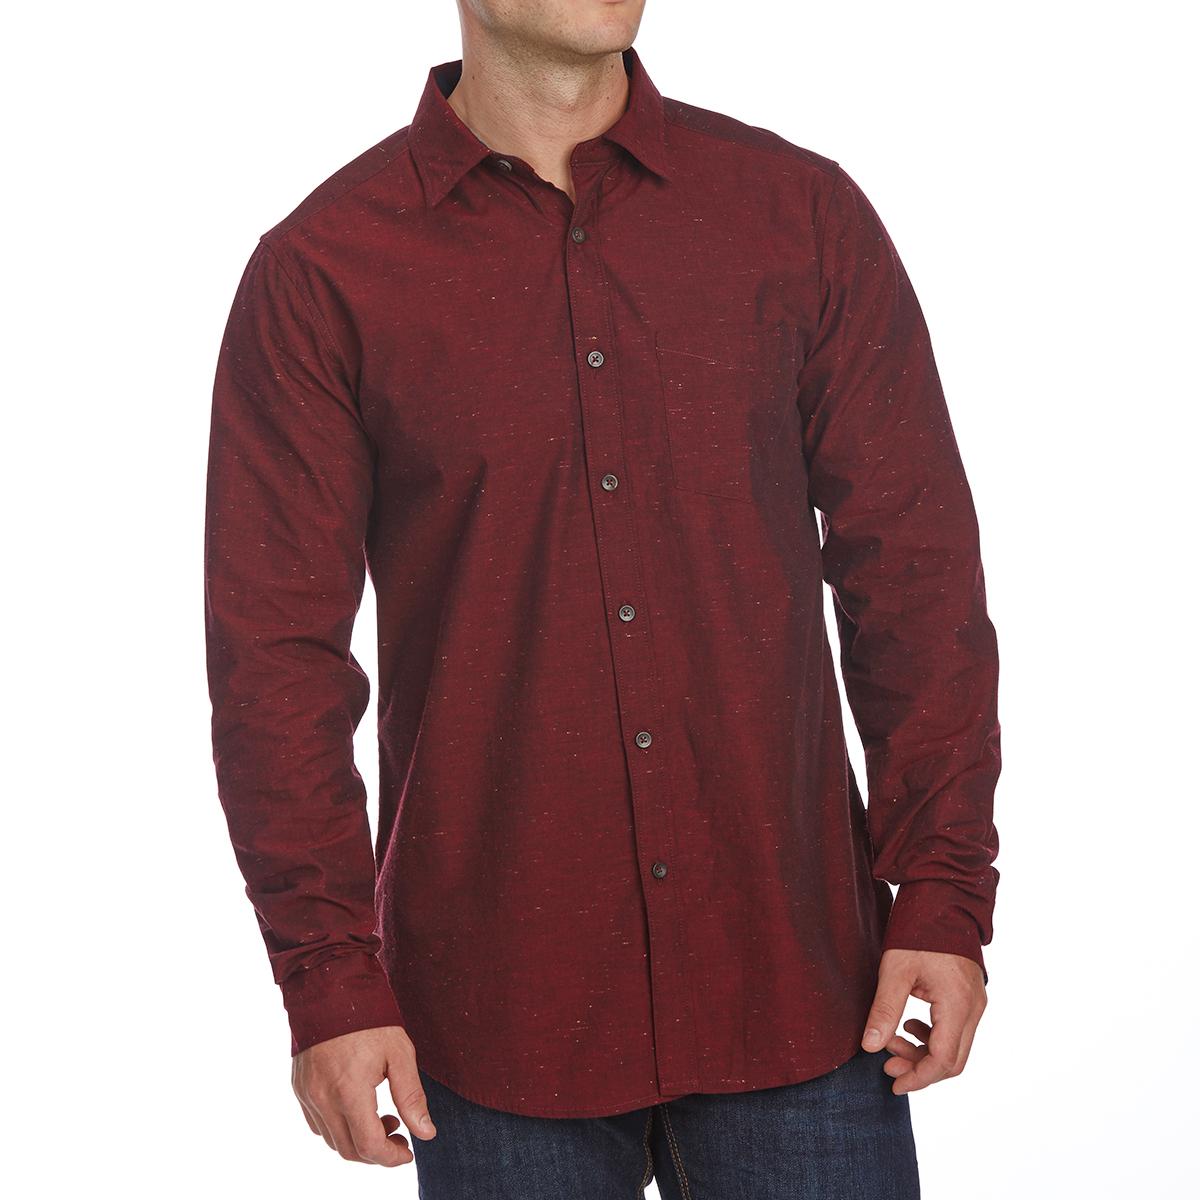 Ocean Current Guys' Standard Woven Long-Sleeve Shirt - Red, XL